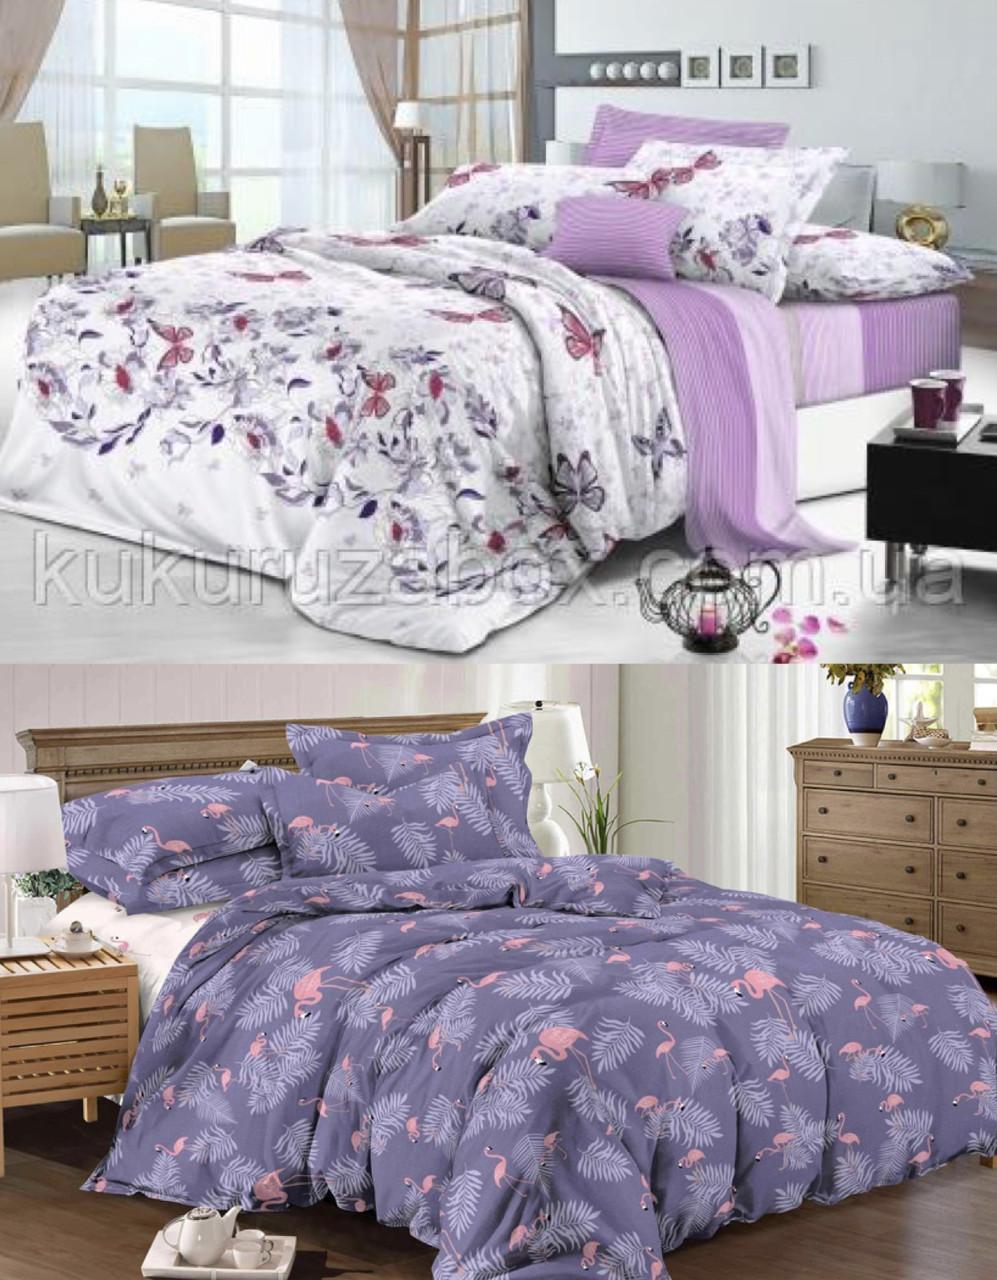 Двуспальные комплекты постельного белья «Фиолетовая нежность» 177х217 см из сатина